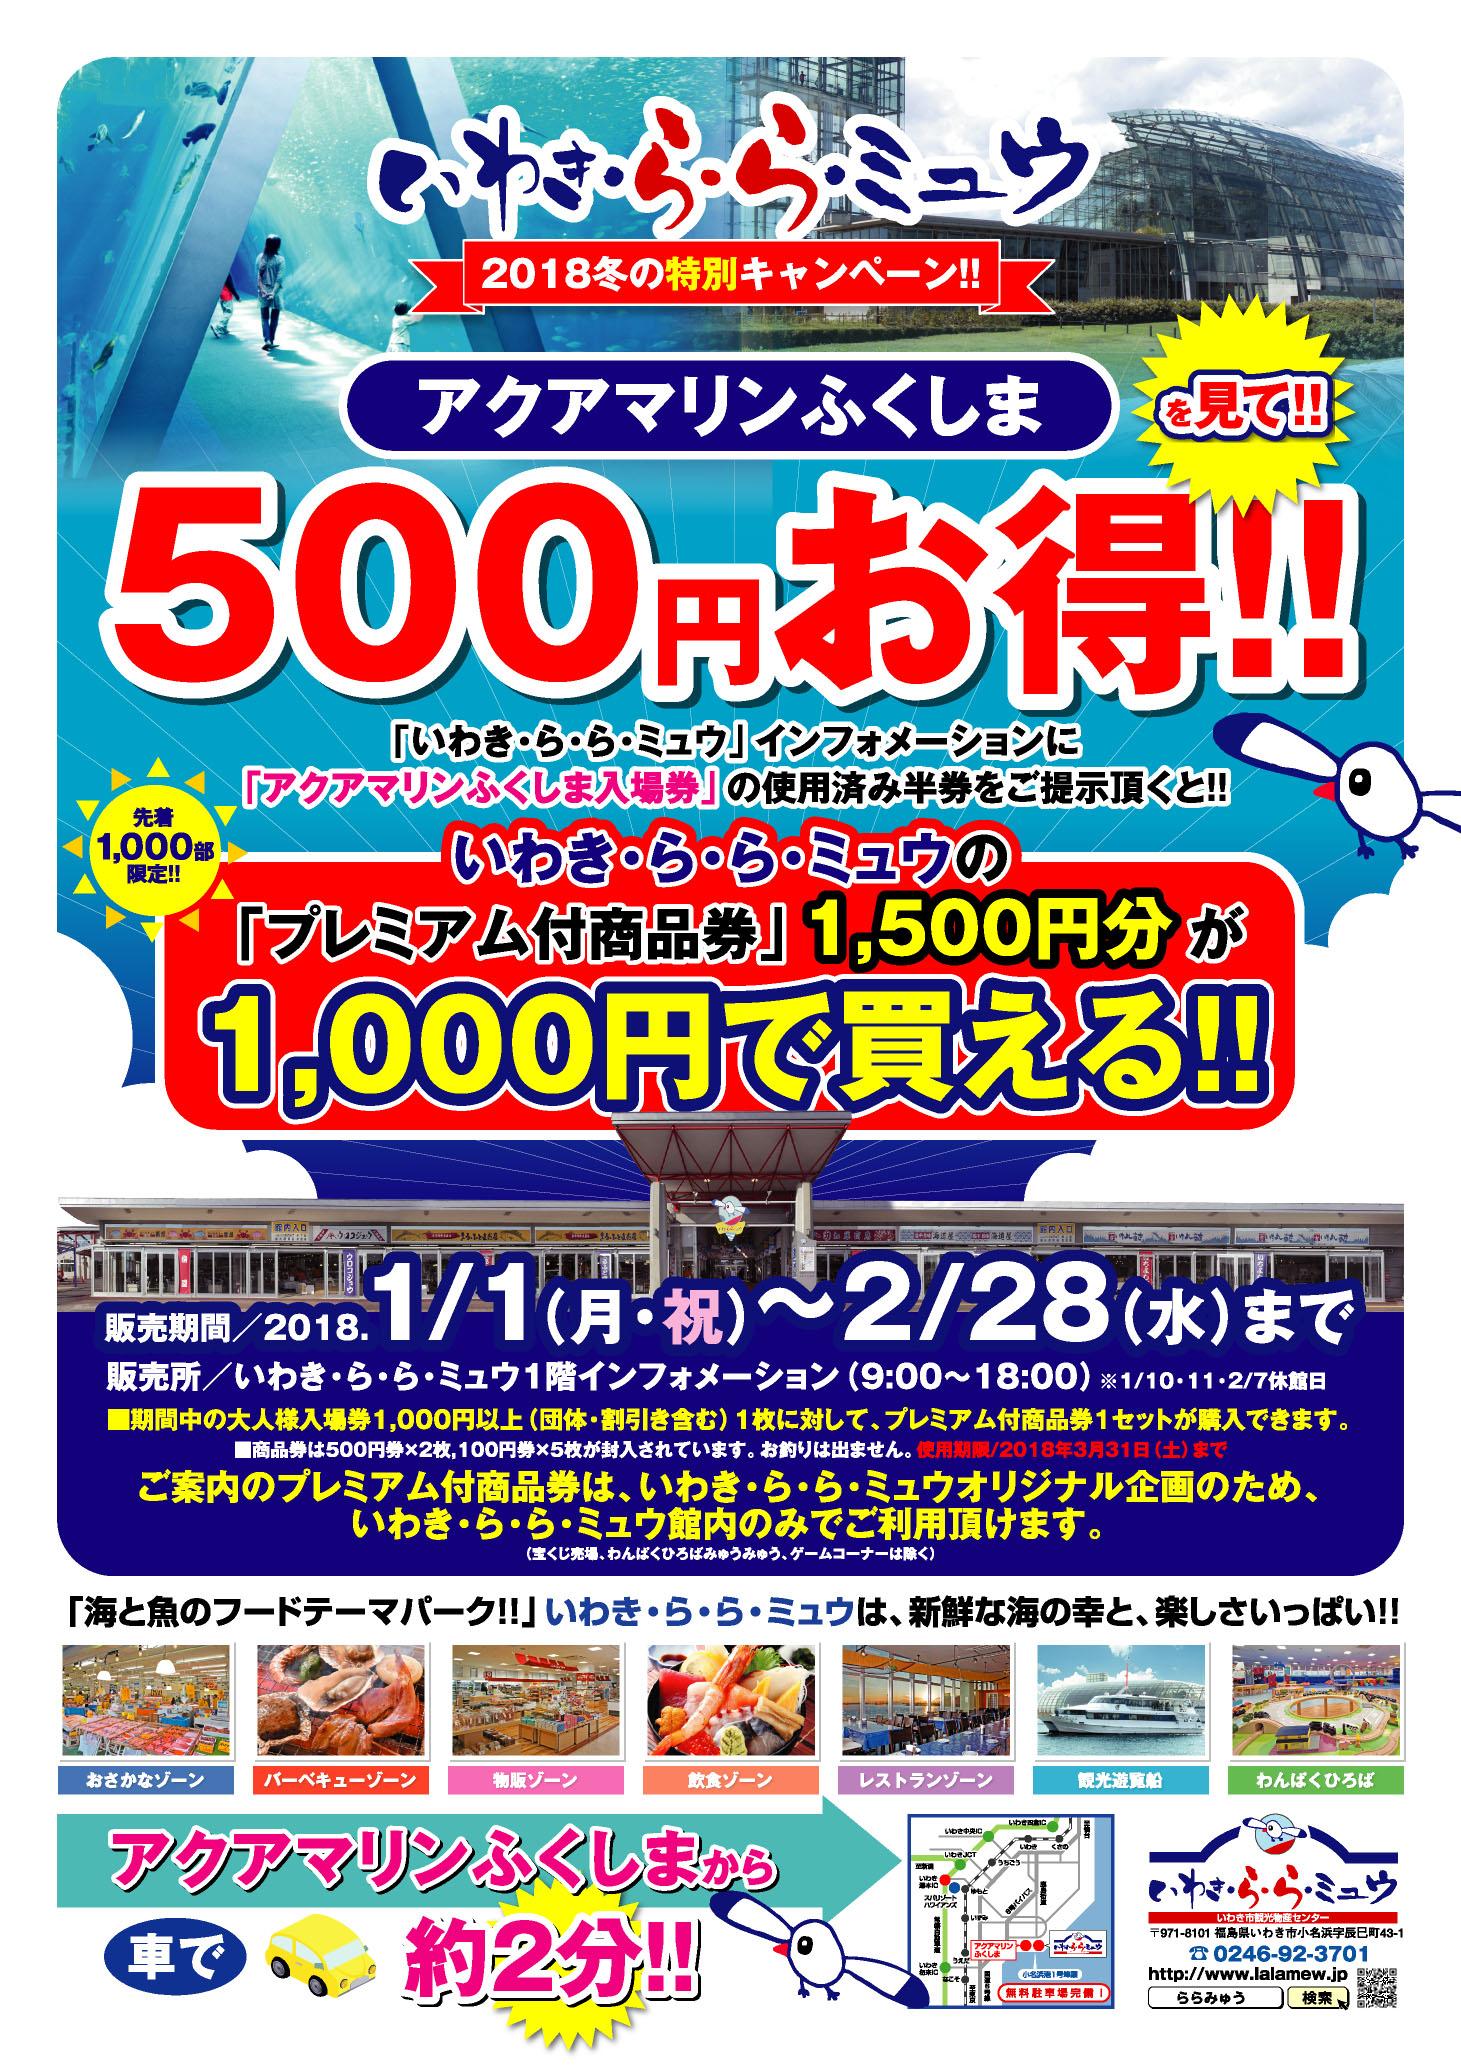 アクアマリンふくしまをみて 500円お得! 冬の特別キャンペーン